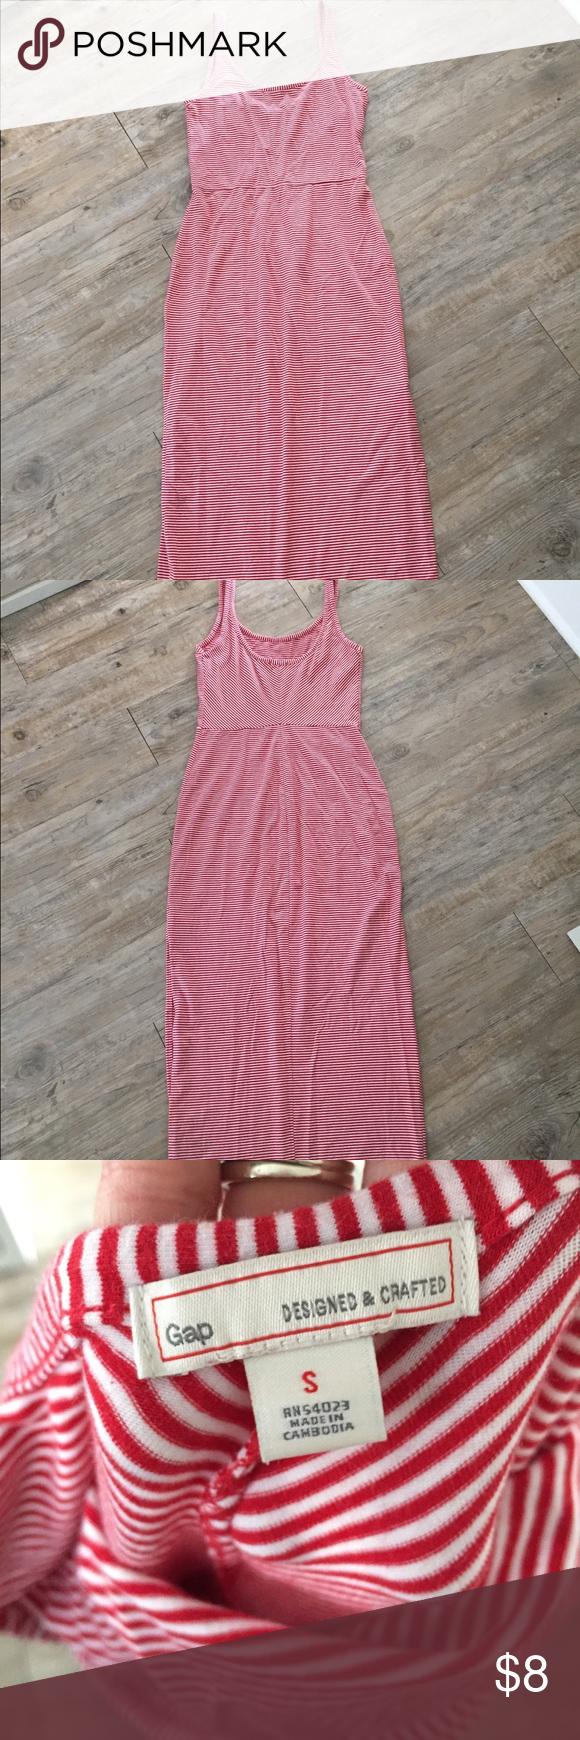 Gap Maxi Dress Size S Gap Maxi Dress Maxi Dress Gap Dress [ 1740 x 580 Pixel ]